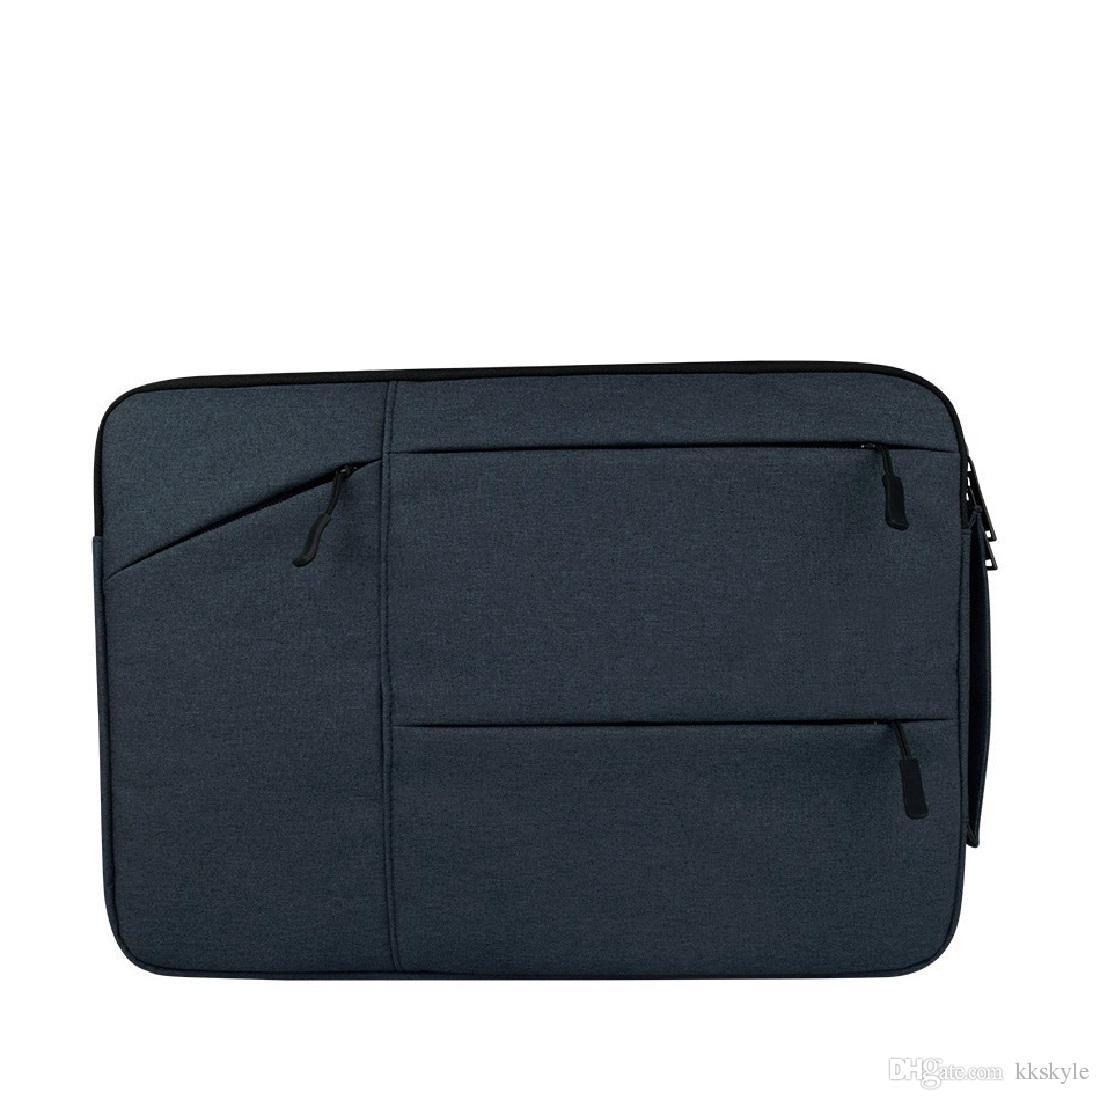 7920884407 Coupe slim, poids léger, parfait pour les voyages, les affaires ou les  études. Sacoche pour ordinateur portable 15.6 pouces ...